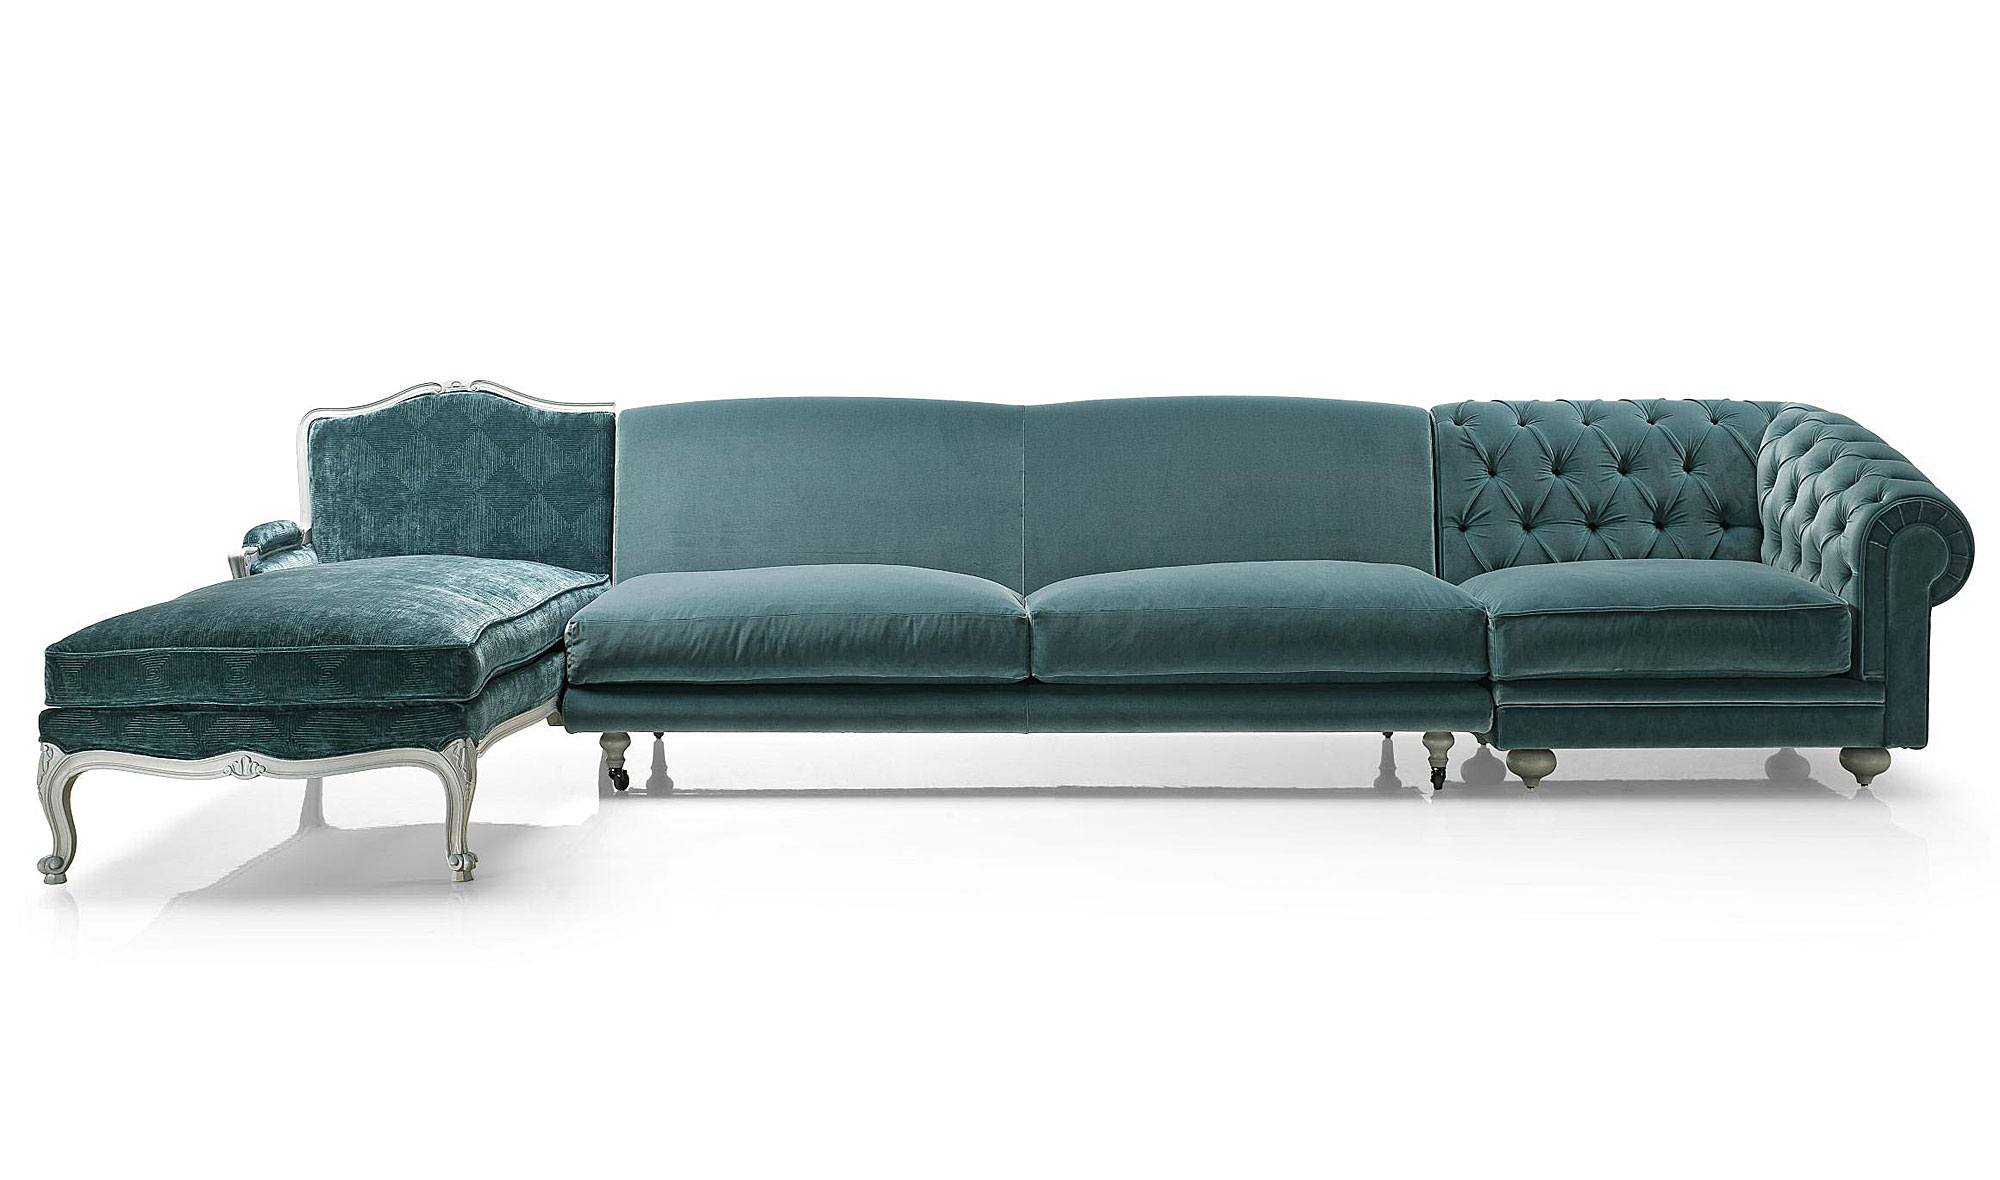 Sofa Terciopelo U3dh sofà Collage Modular 3 Piezas Chester Terciopelo En Portobellostreet